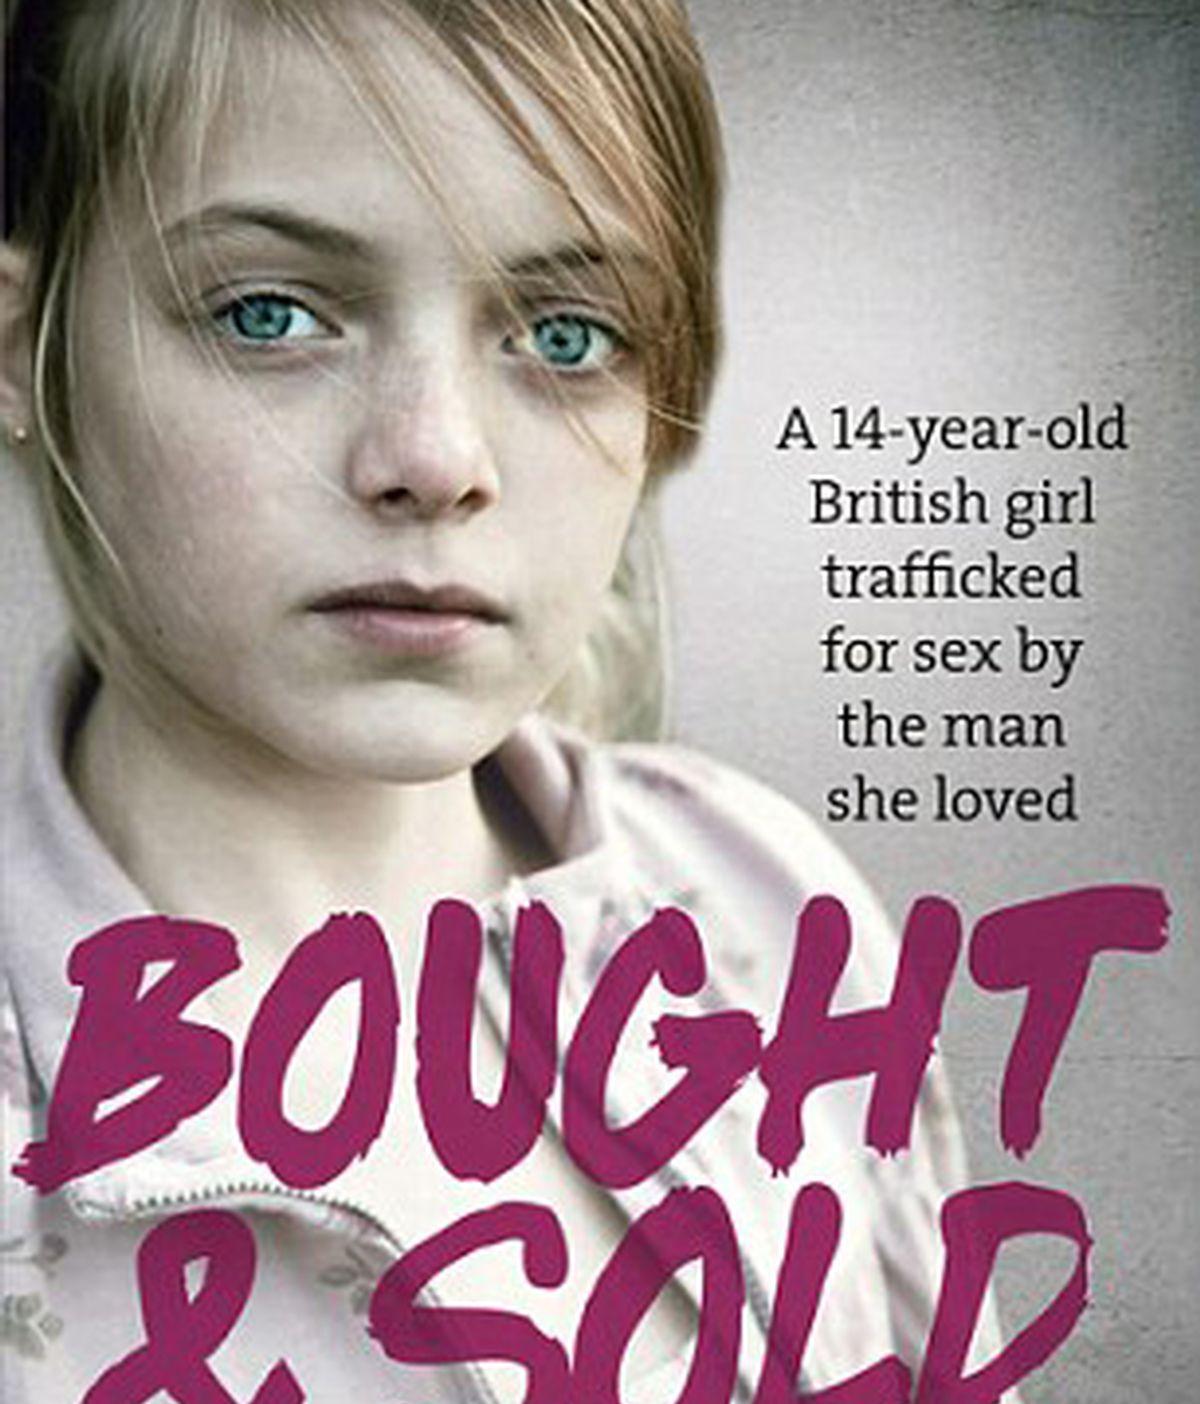 Portada del libro, 'Bought & Sold'